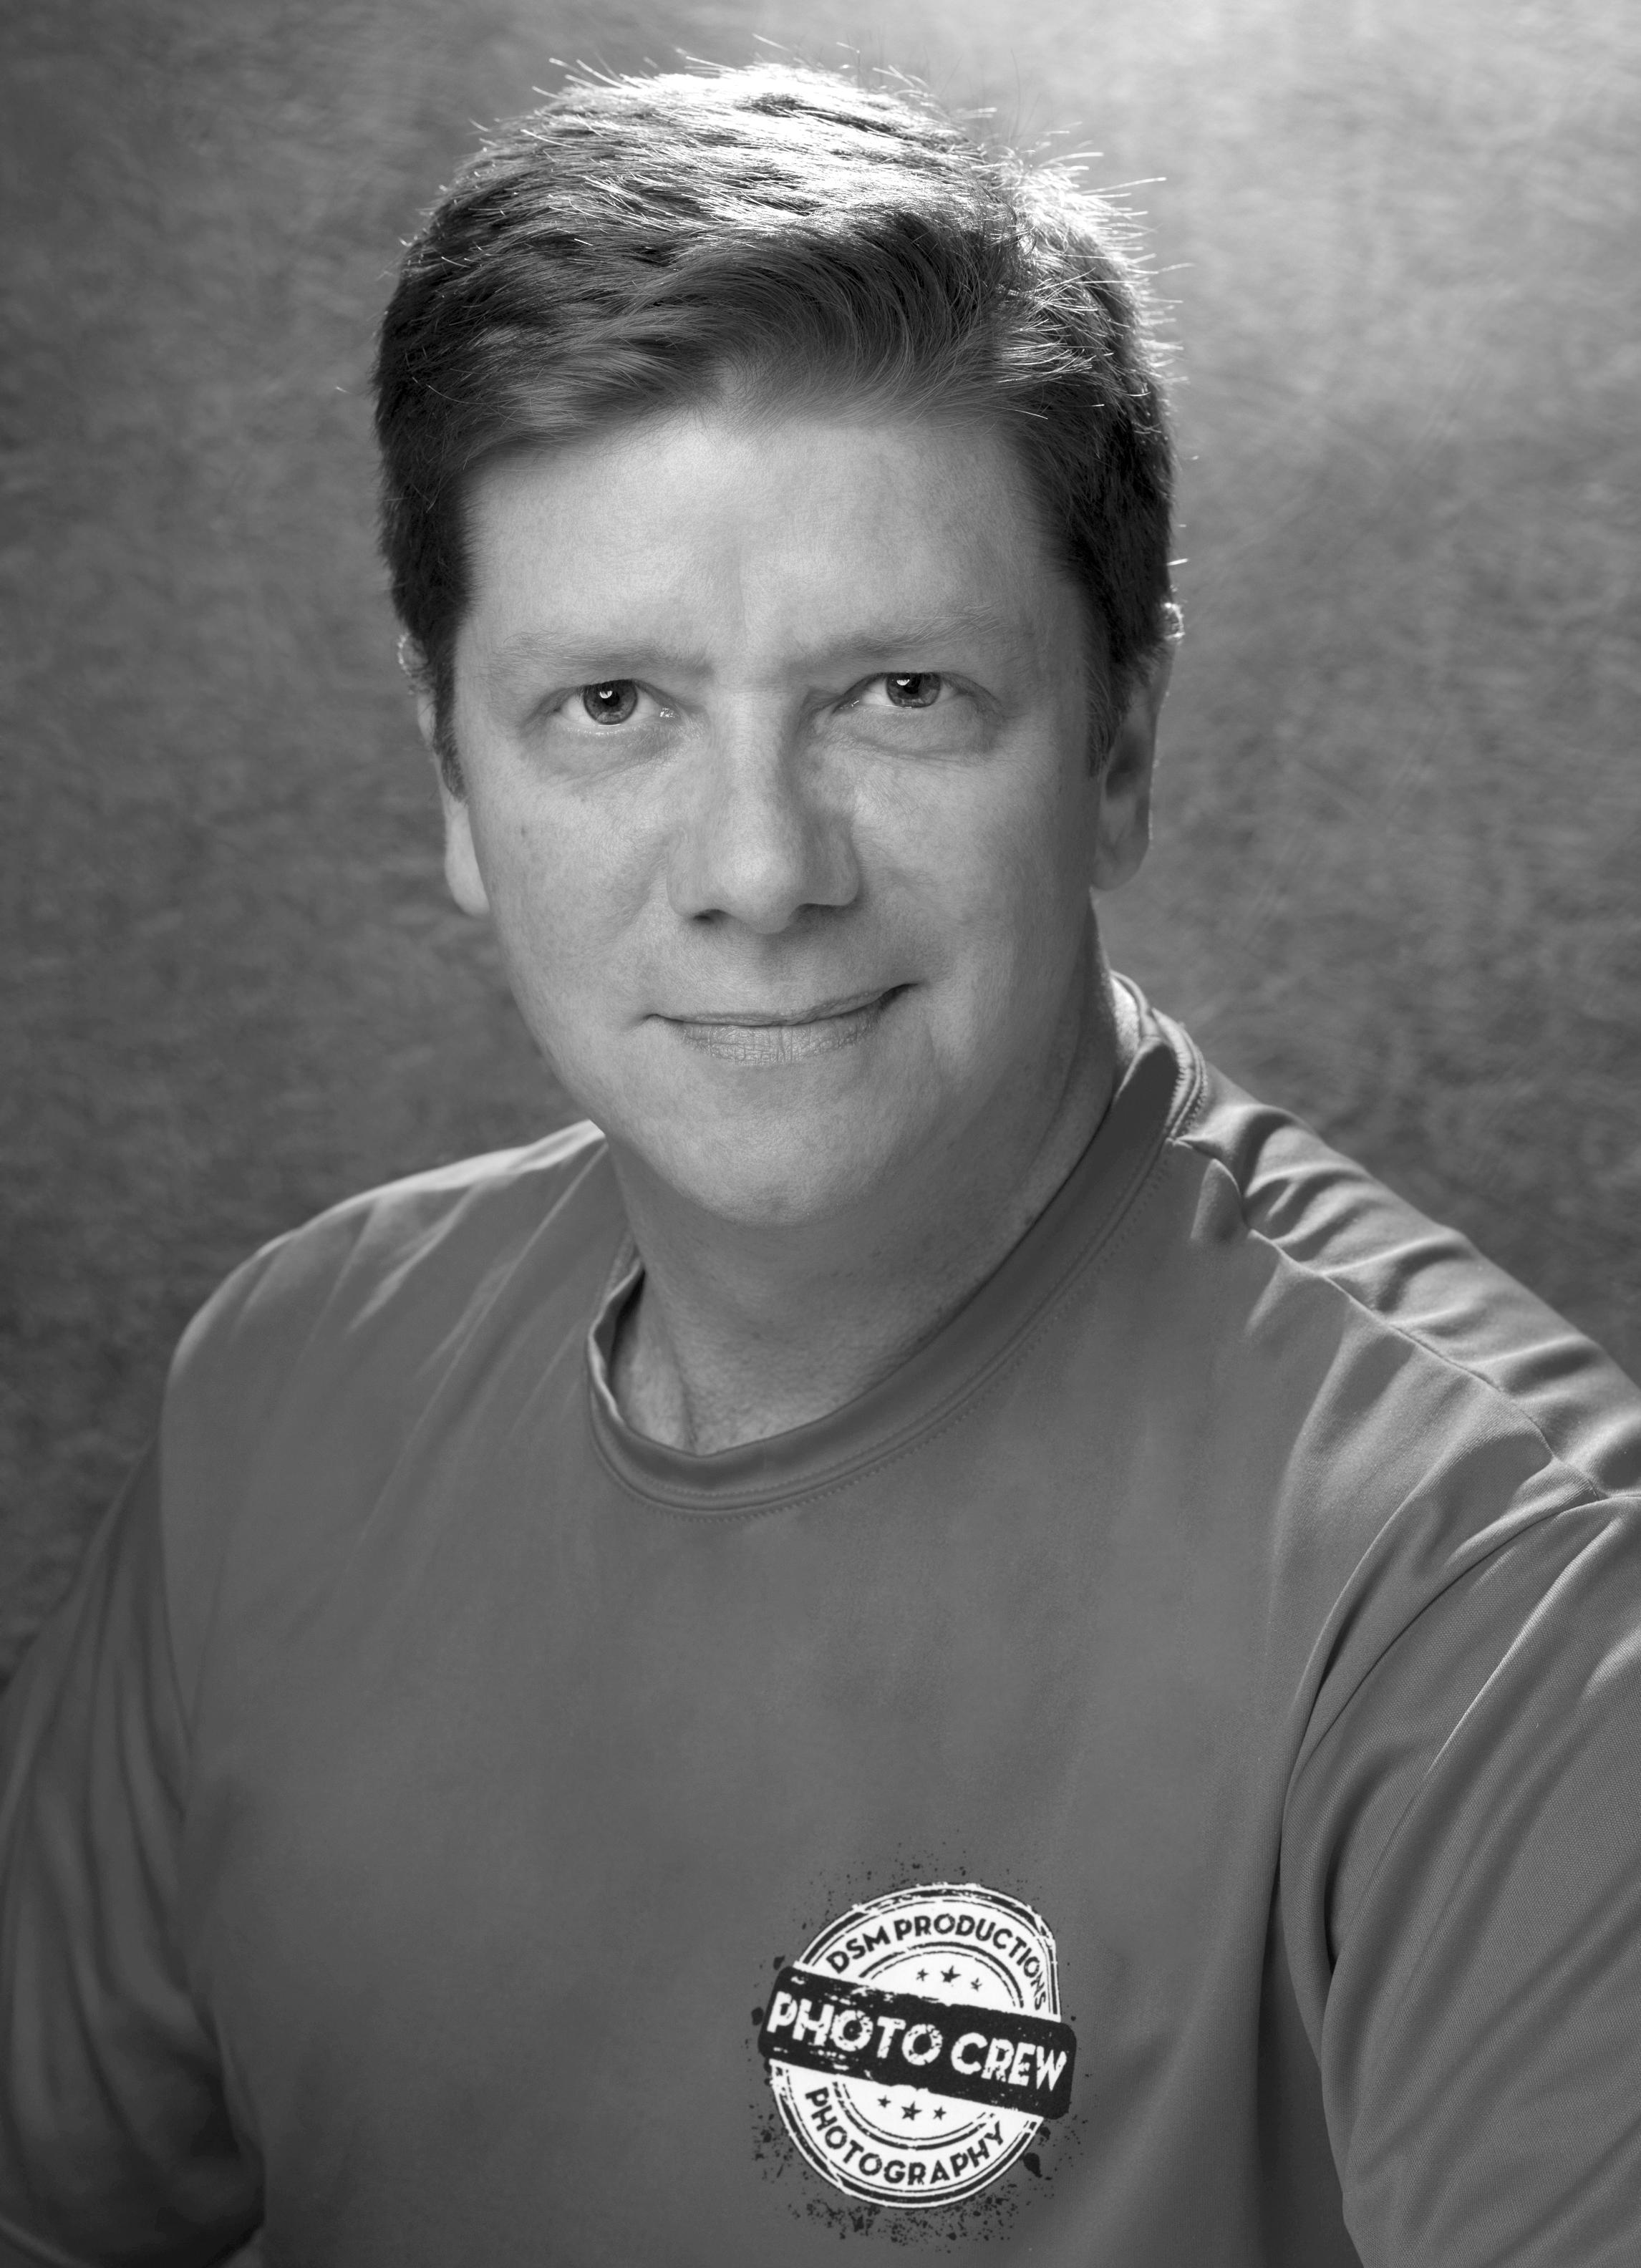 Dave Male